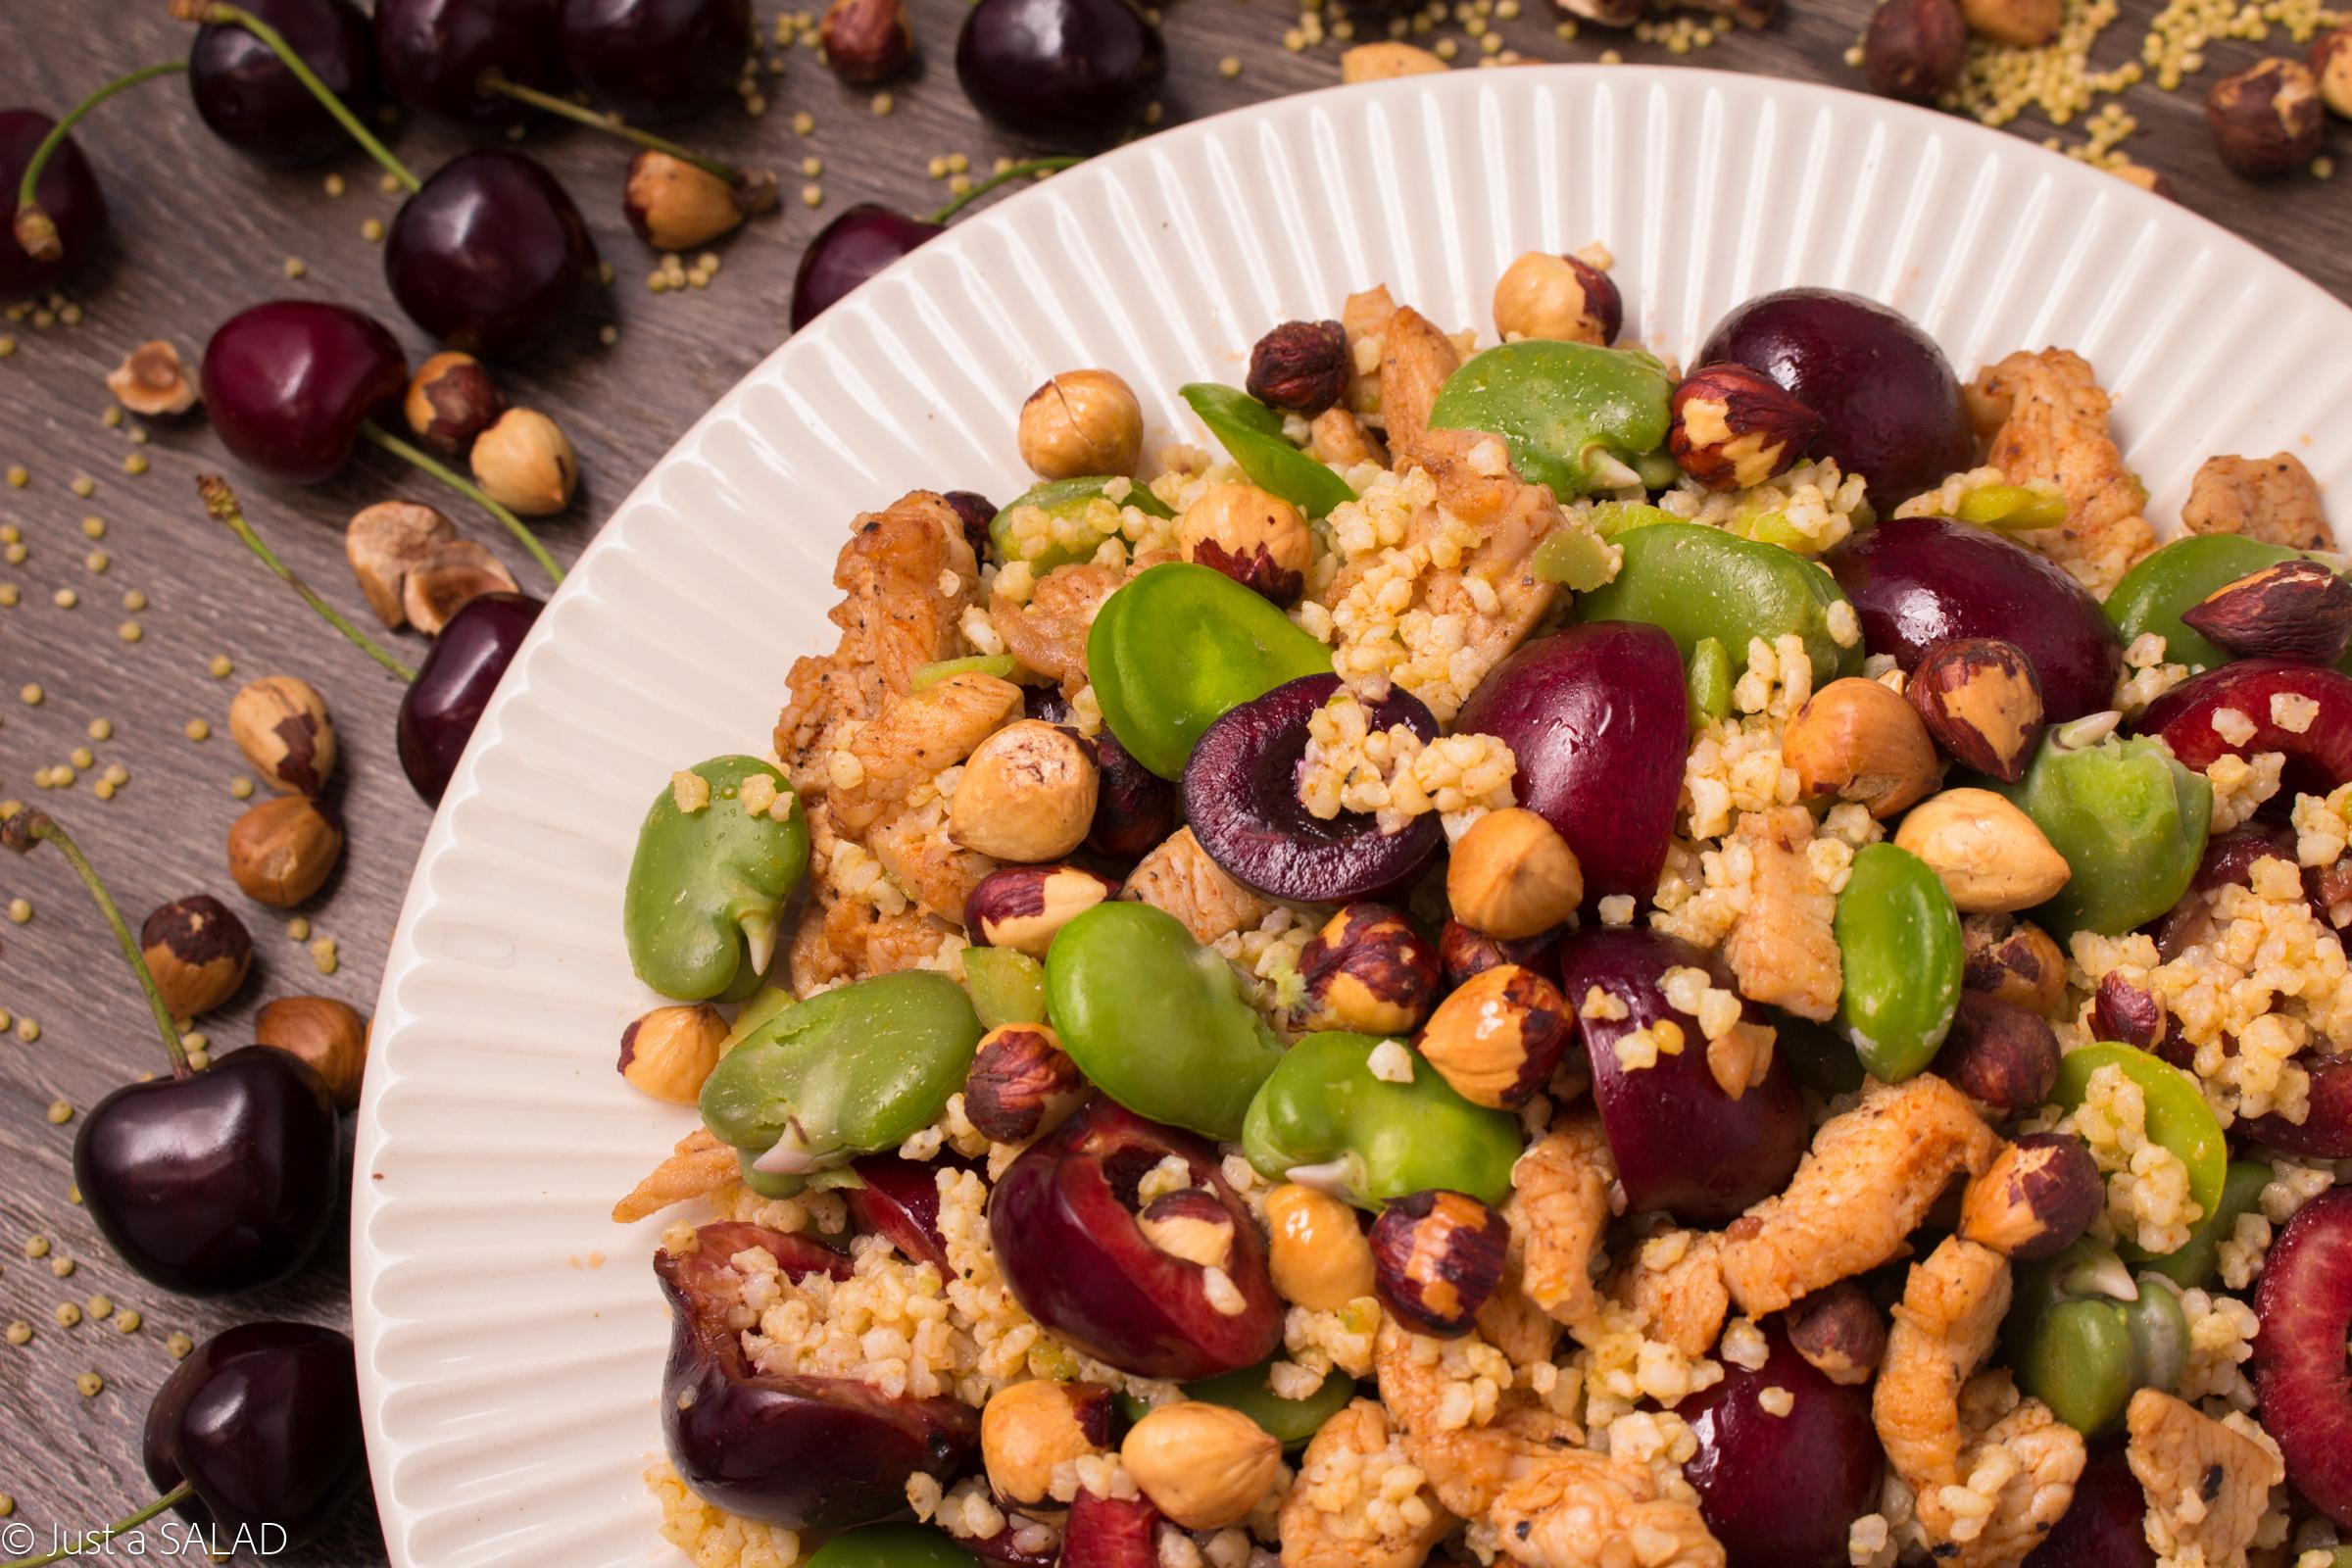 Sałatka z kasza jaglaną, bobem, czereśniami, indykiem i orzechami laskowymi.